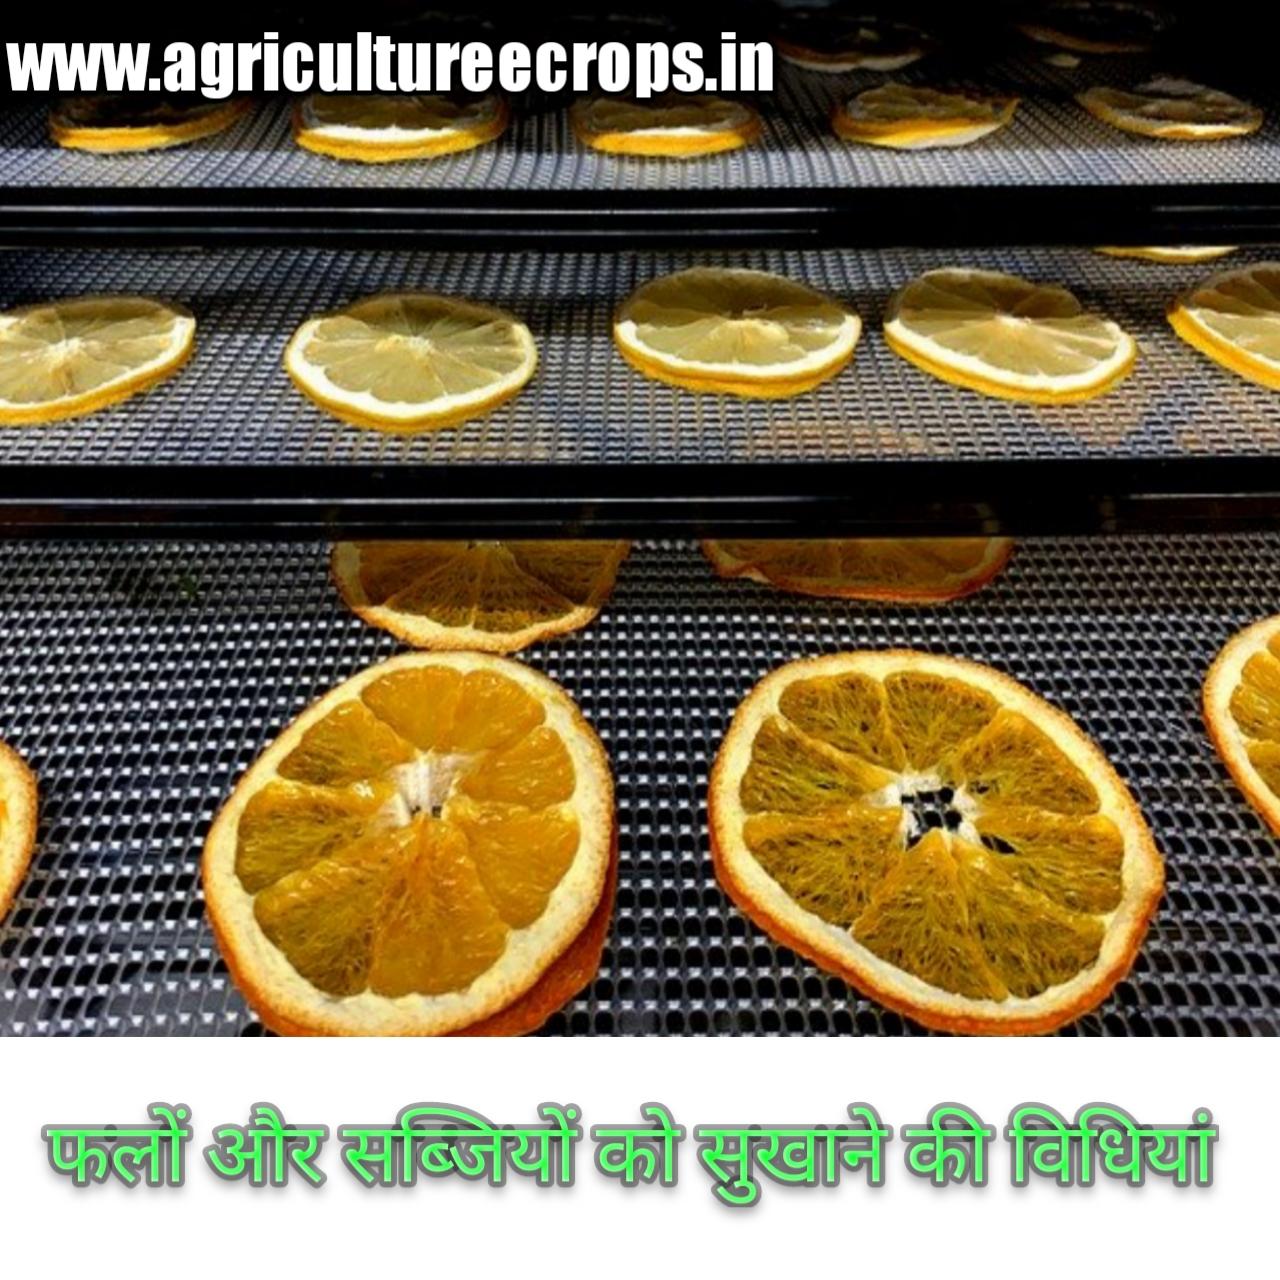 फलों और सब्जियों को सुखाने की विधियां Dehydration of fruits and vegetables